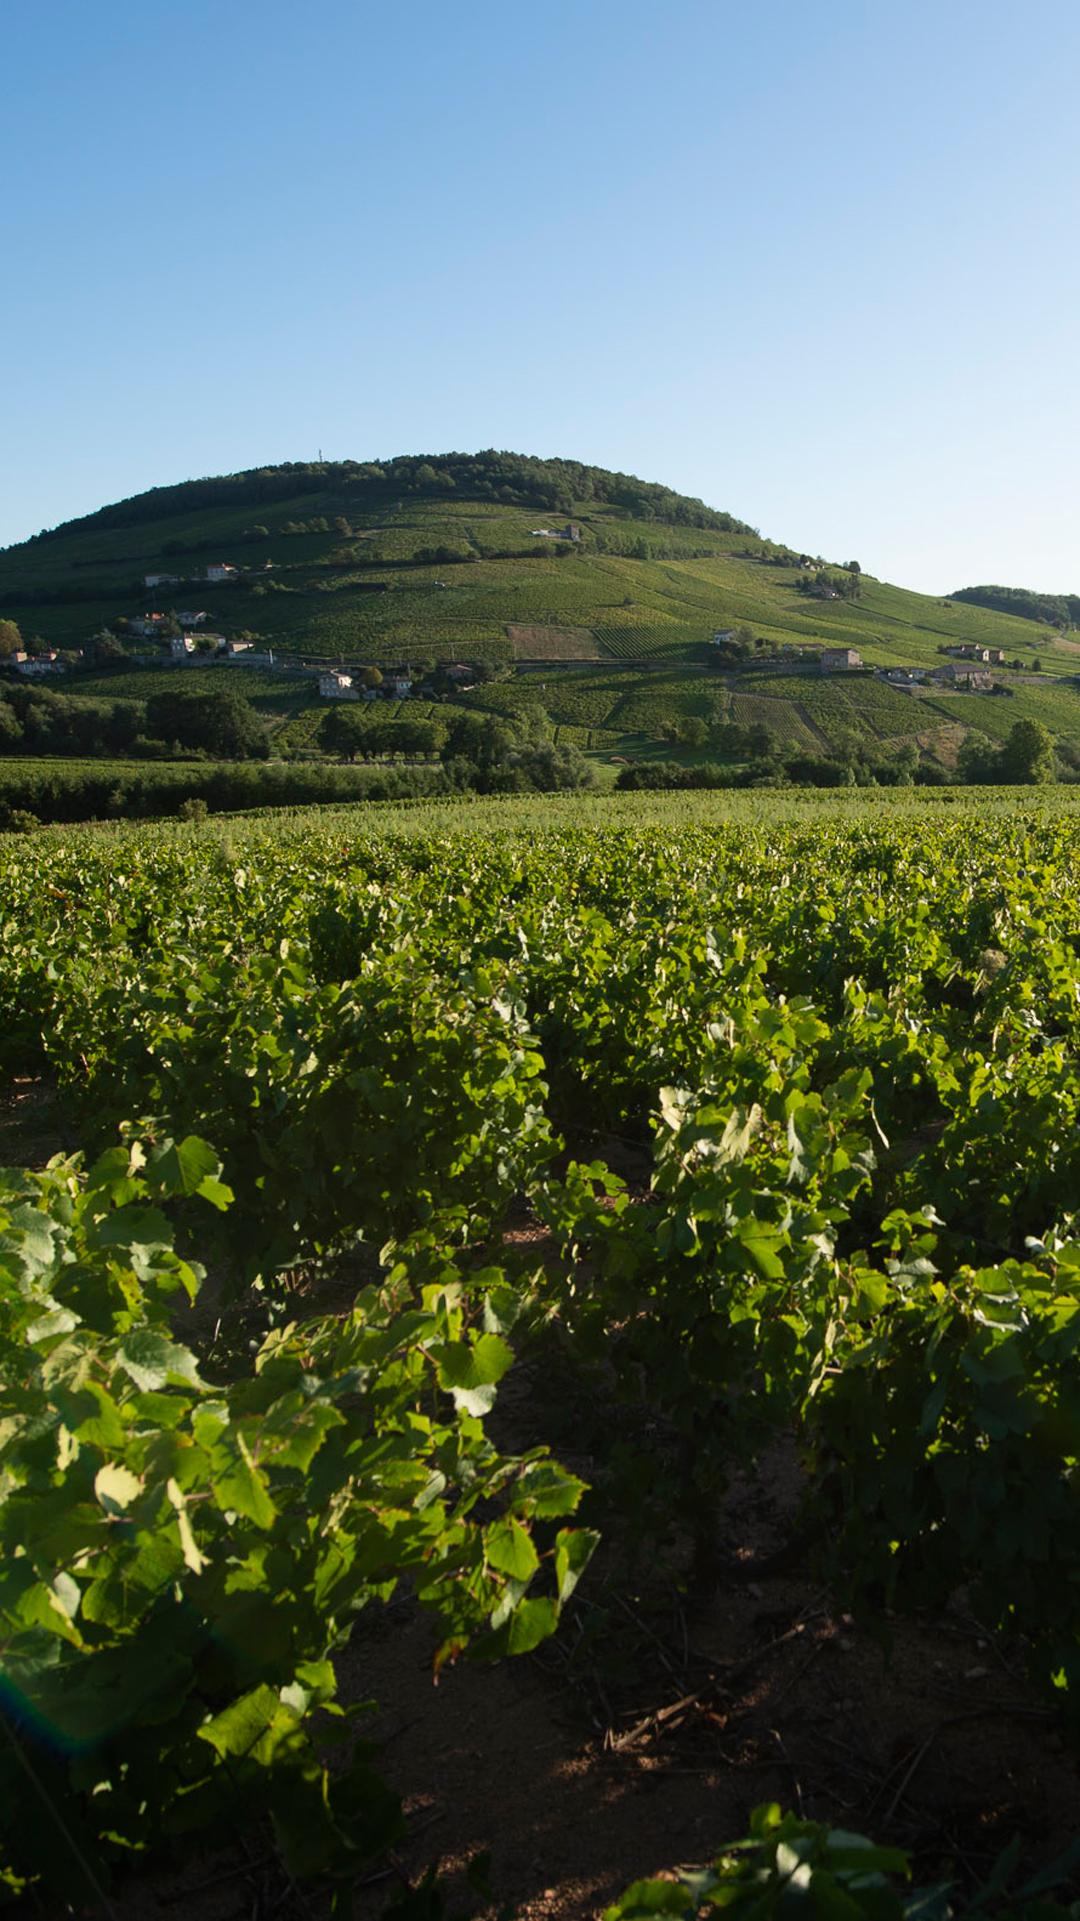 Vignes du Beaujolais devant le Mont Brouilly